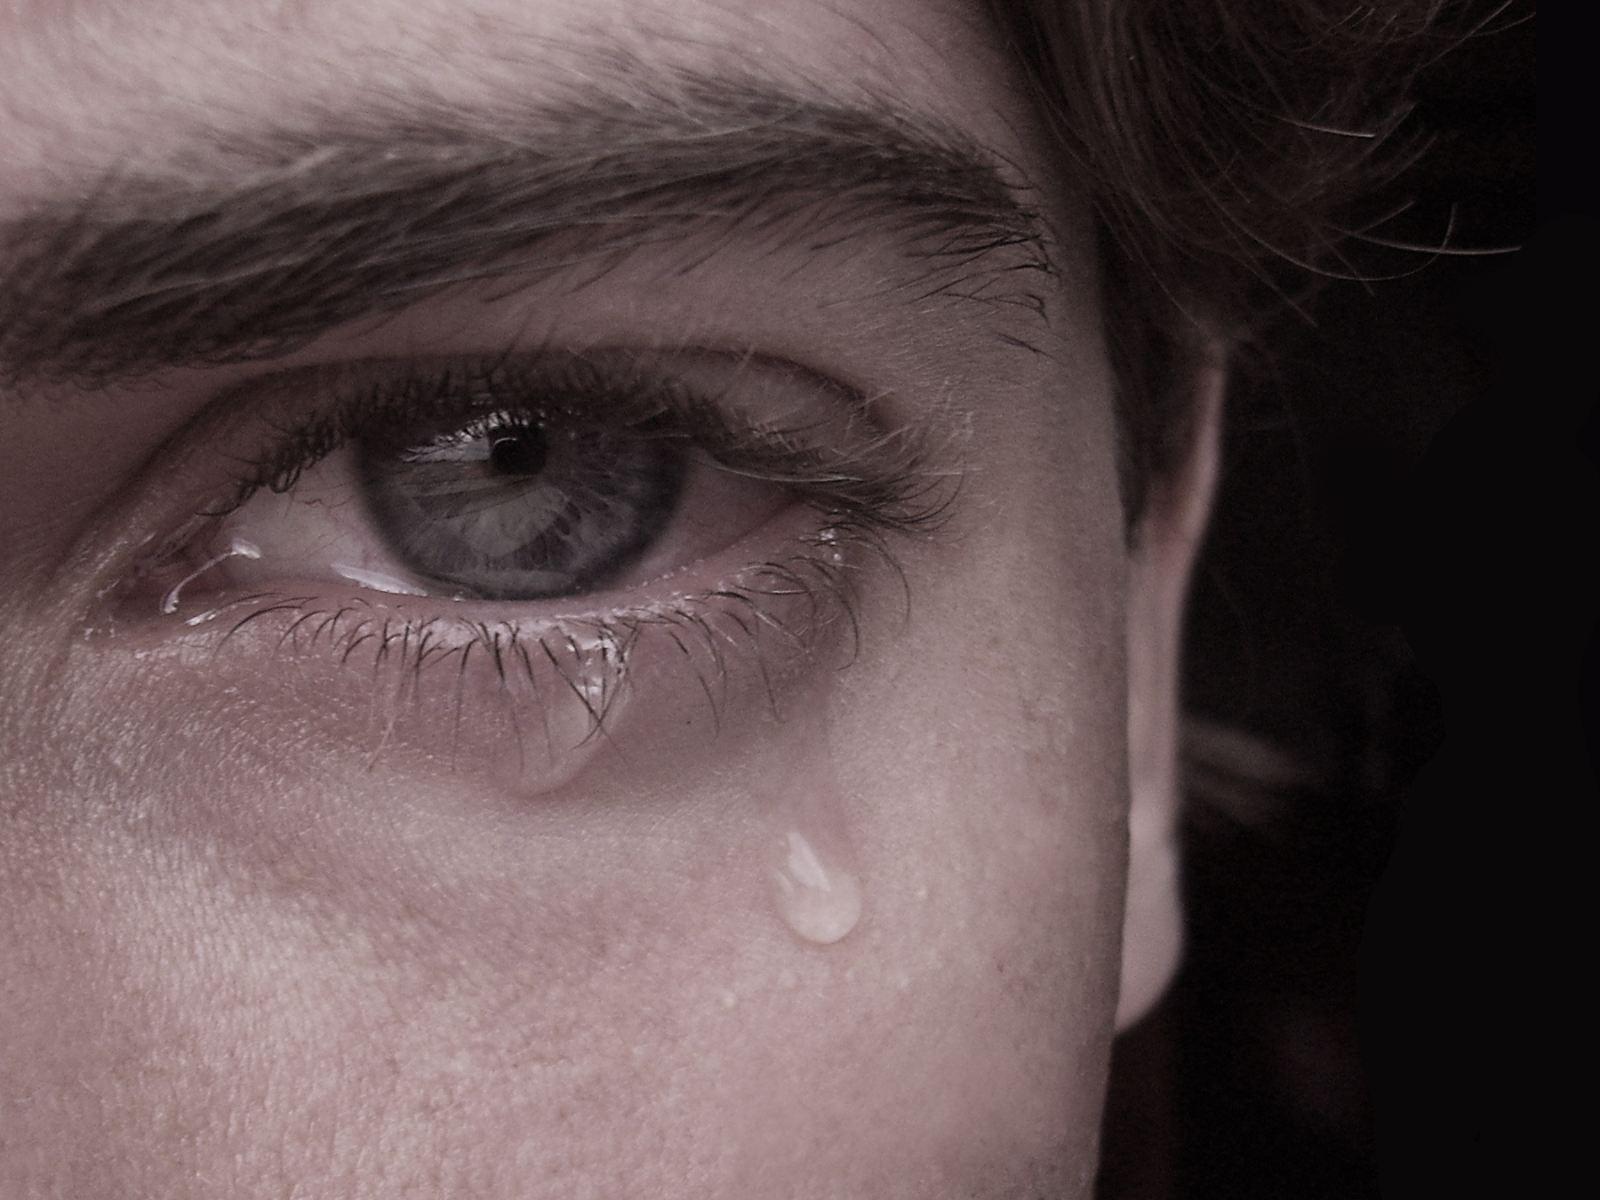 الحزن علي فقدان الشريك يضاعف خطر الاصابة بالسكتة القلبية